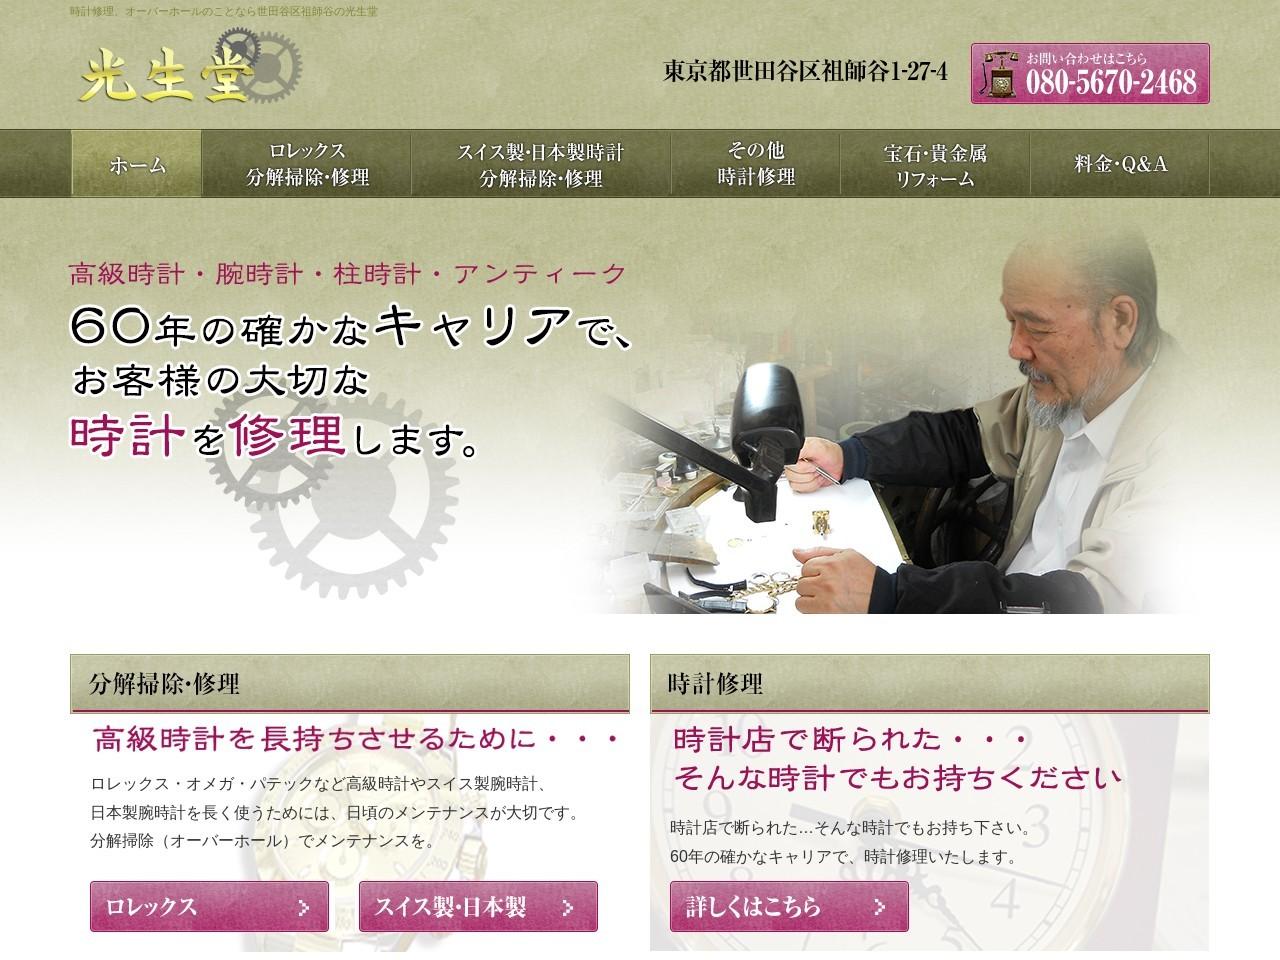 時計修理のことなら横浜市あざみ野の光生堂